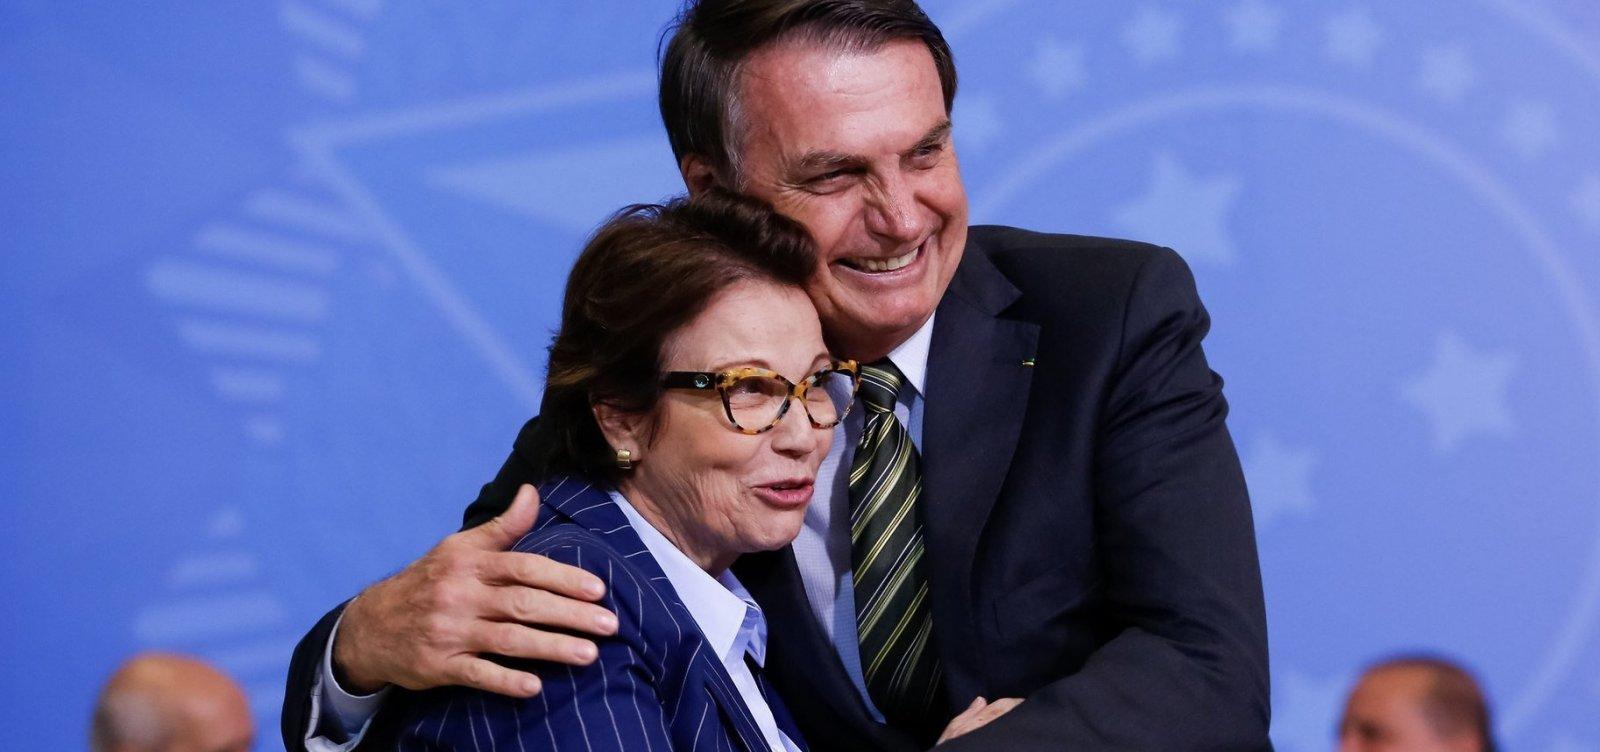 [Ministra da Agricultura contradiz Bolsonaro: 'preço da carne não vai cair']